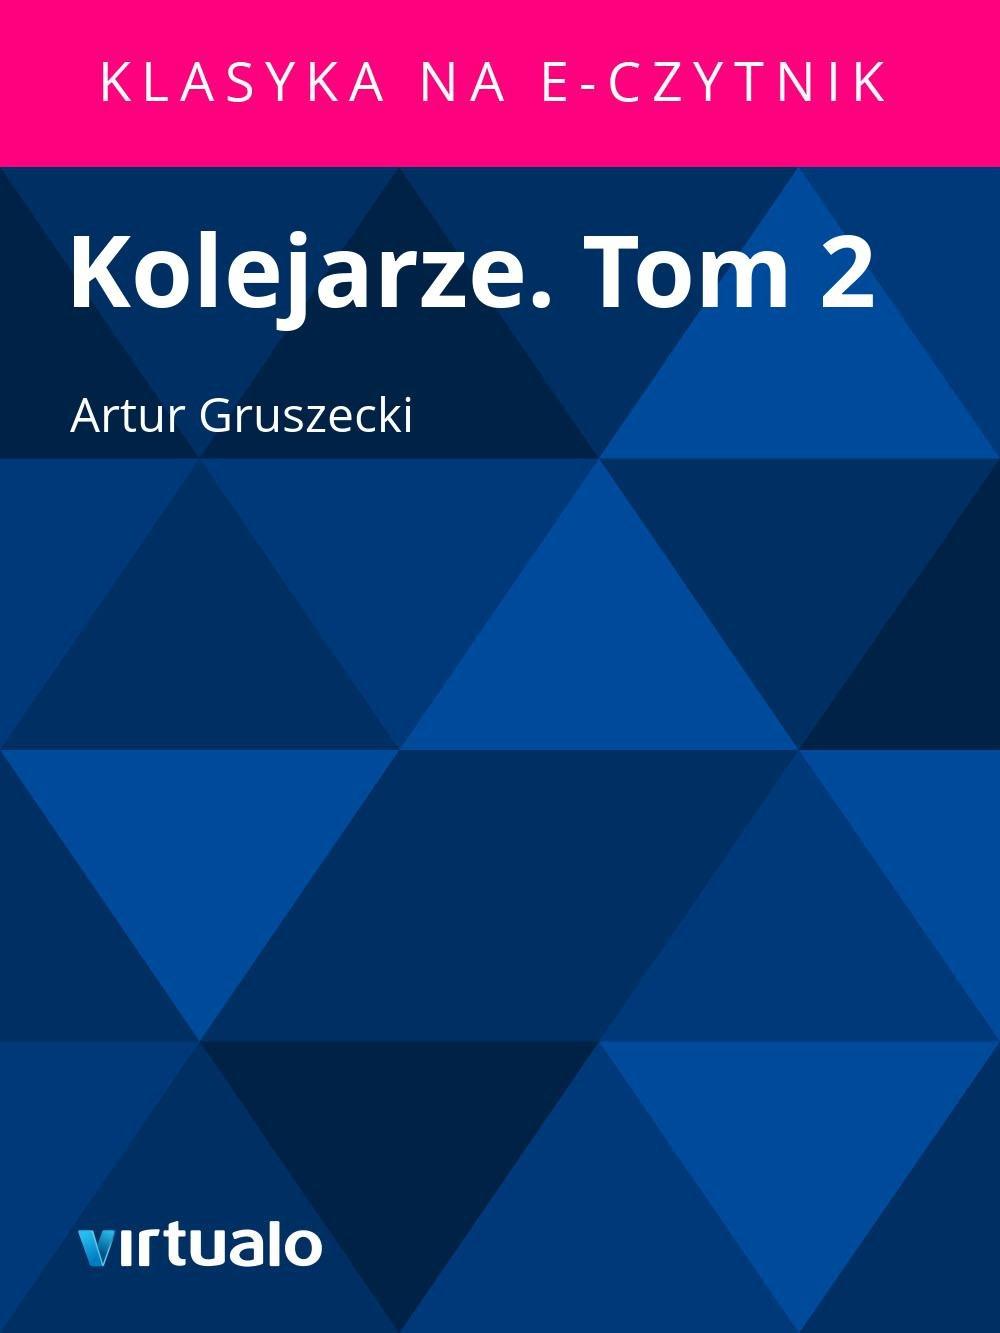 Kolejarze. Tom 2 - Ebook (Książka EPUB) do pobrania w formacie EPUB